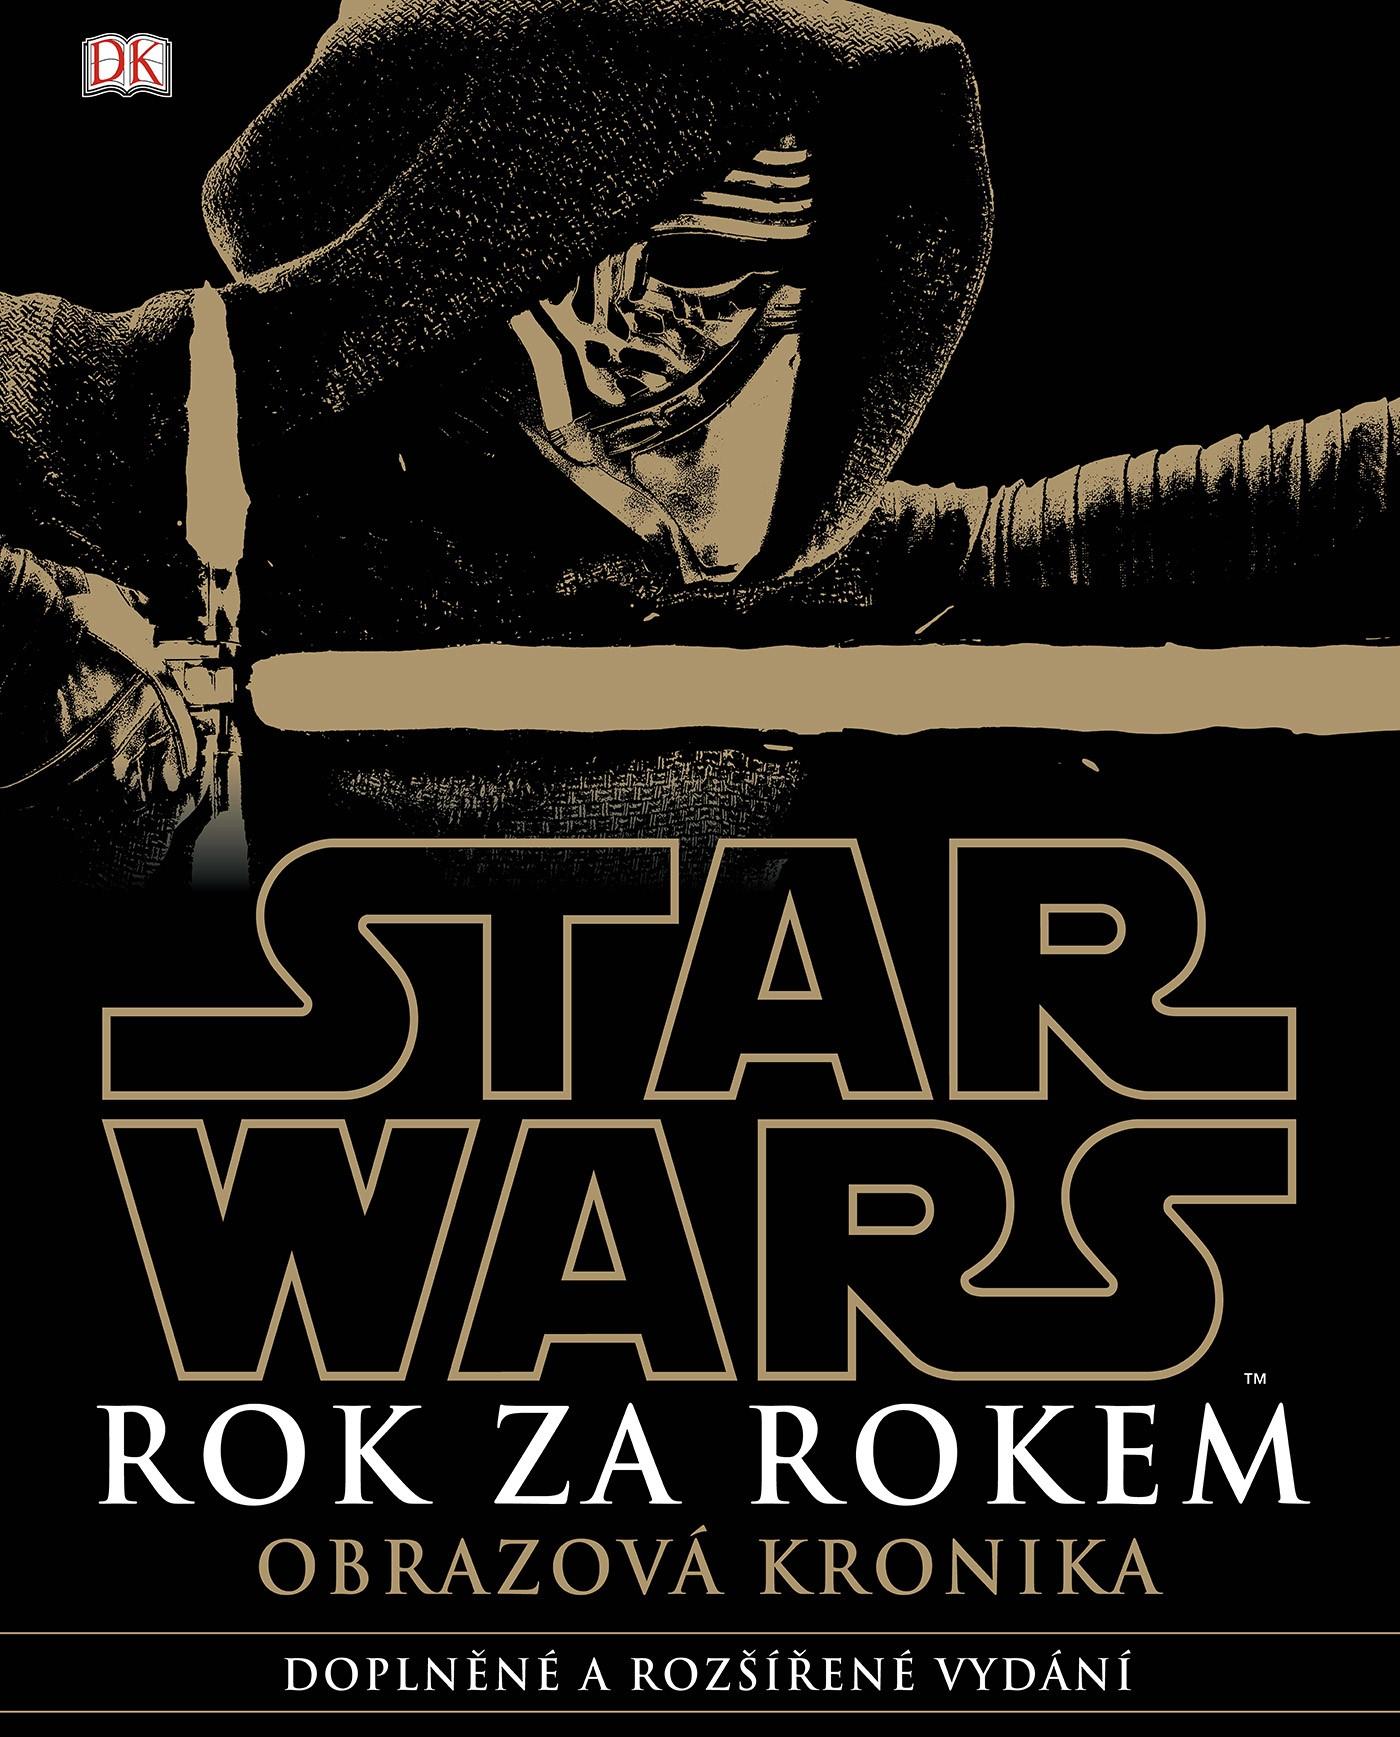 Star Wars Rok za rokem Obrazová kronika